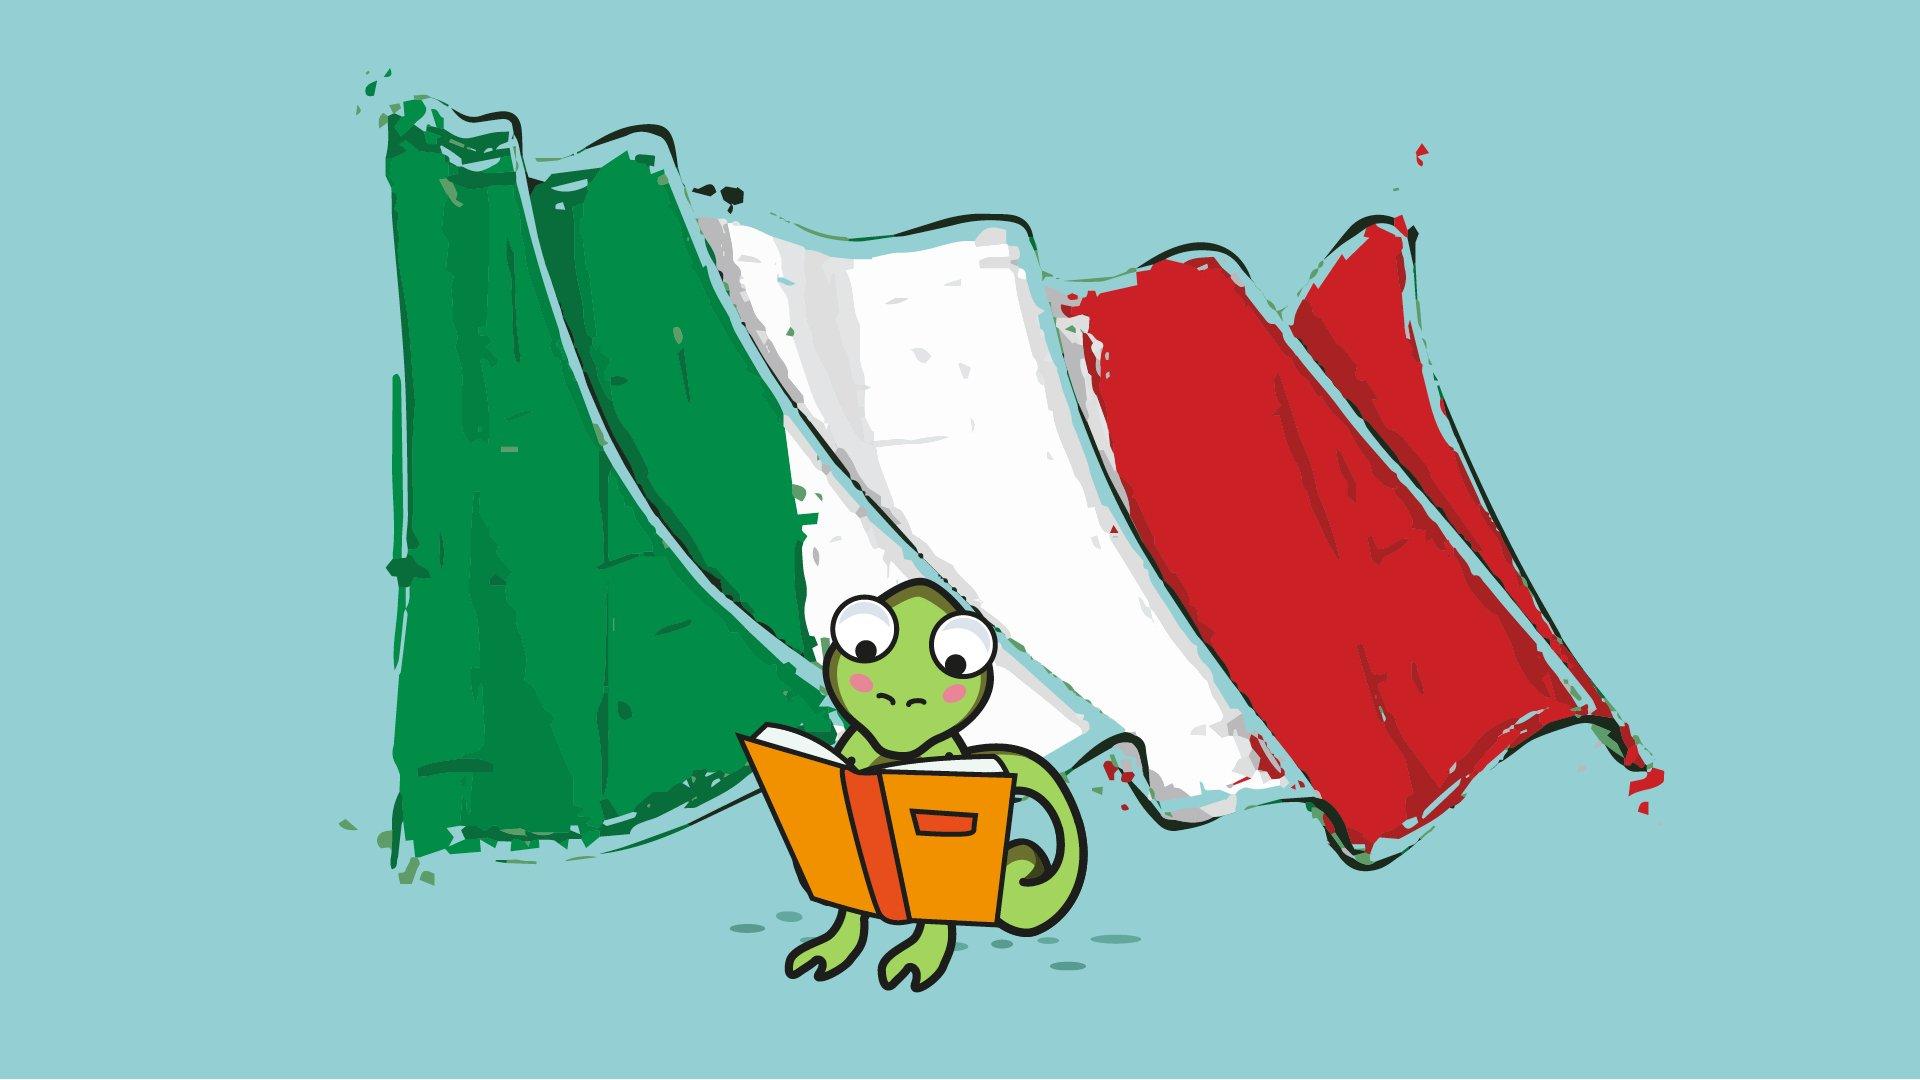 Bandiera italiana simbolo dello studio dell'educazione civica a scuola.